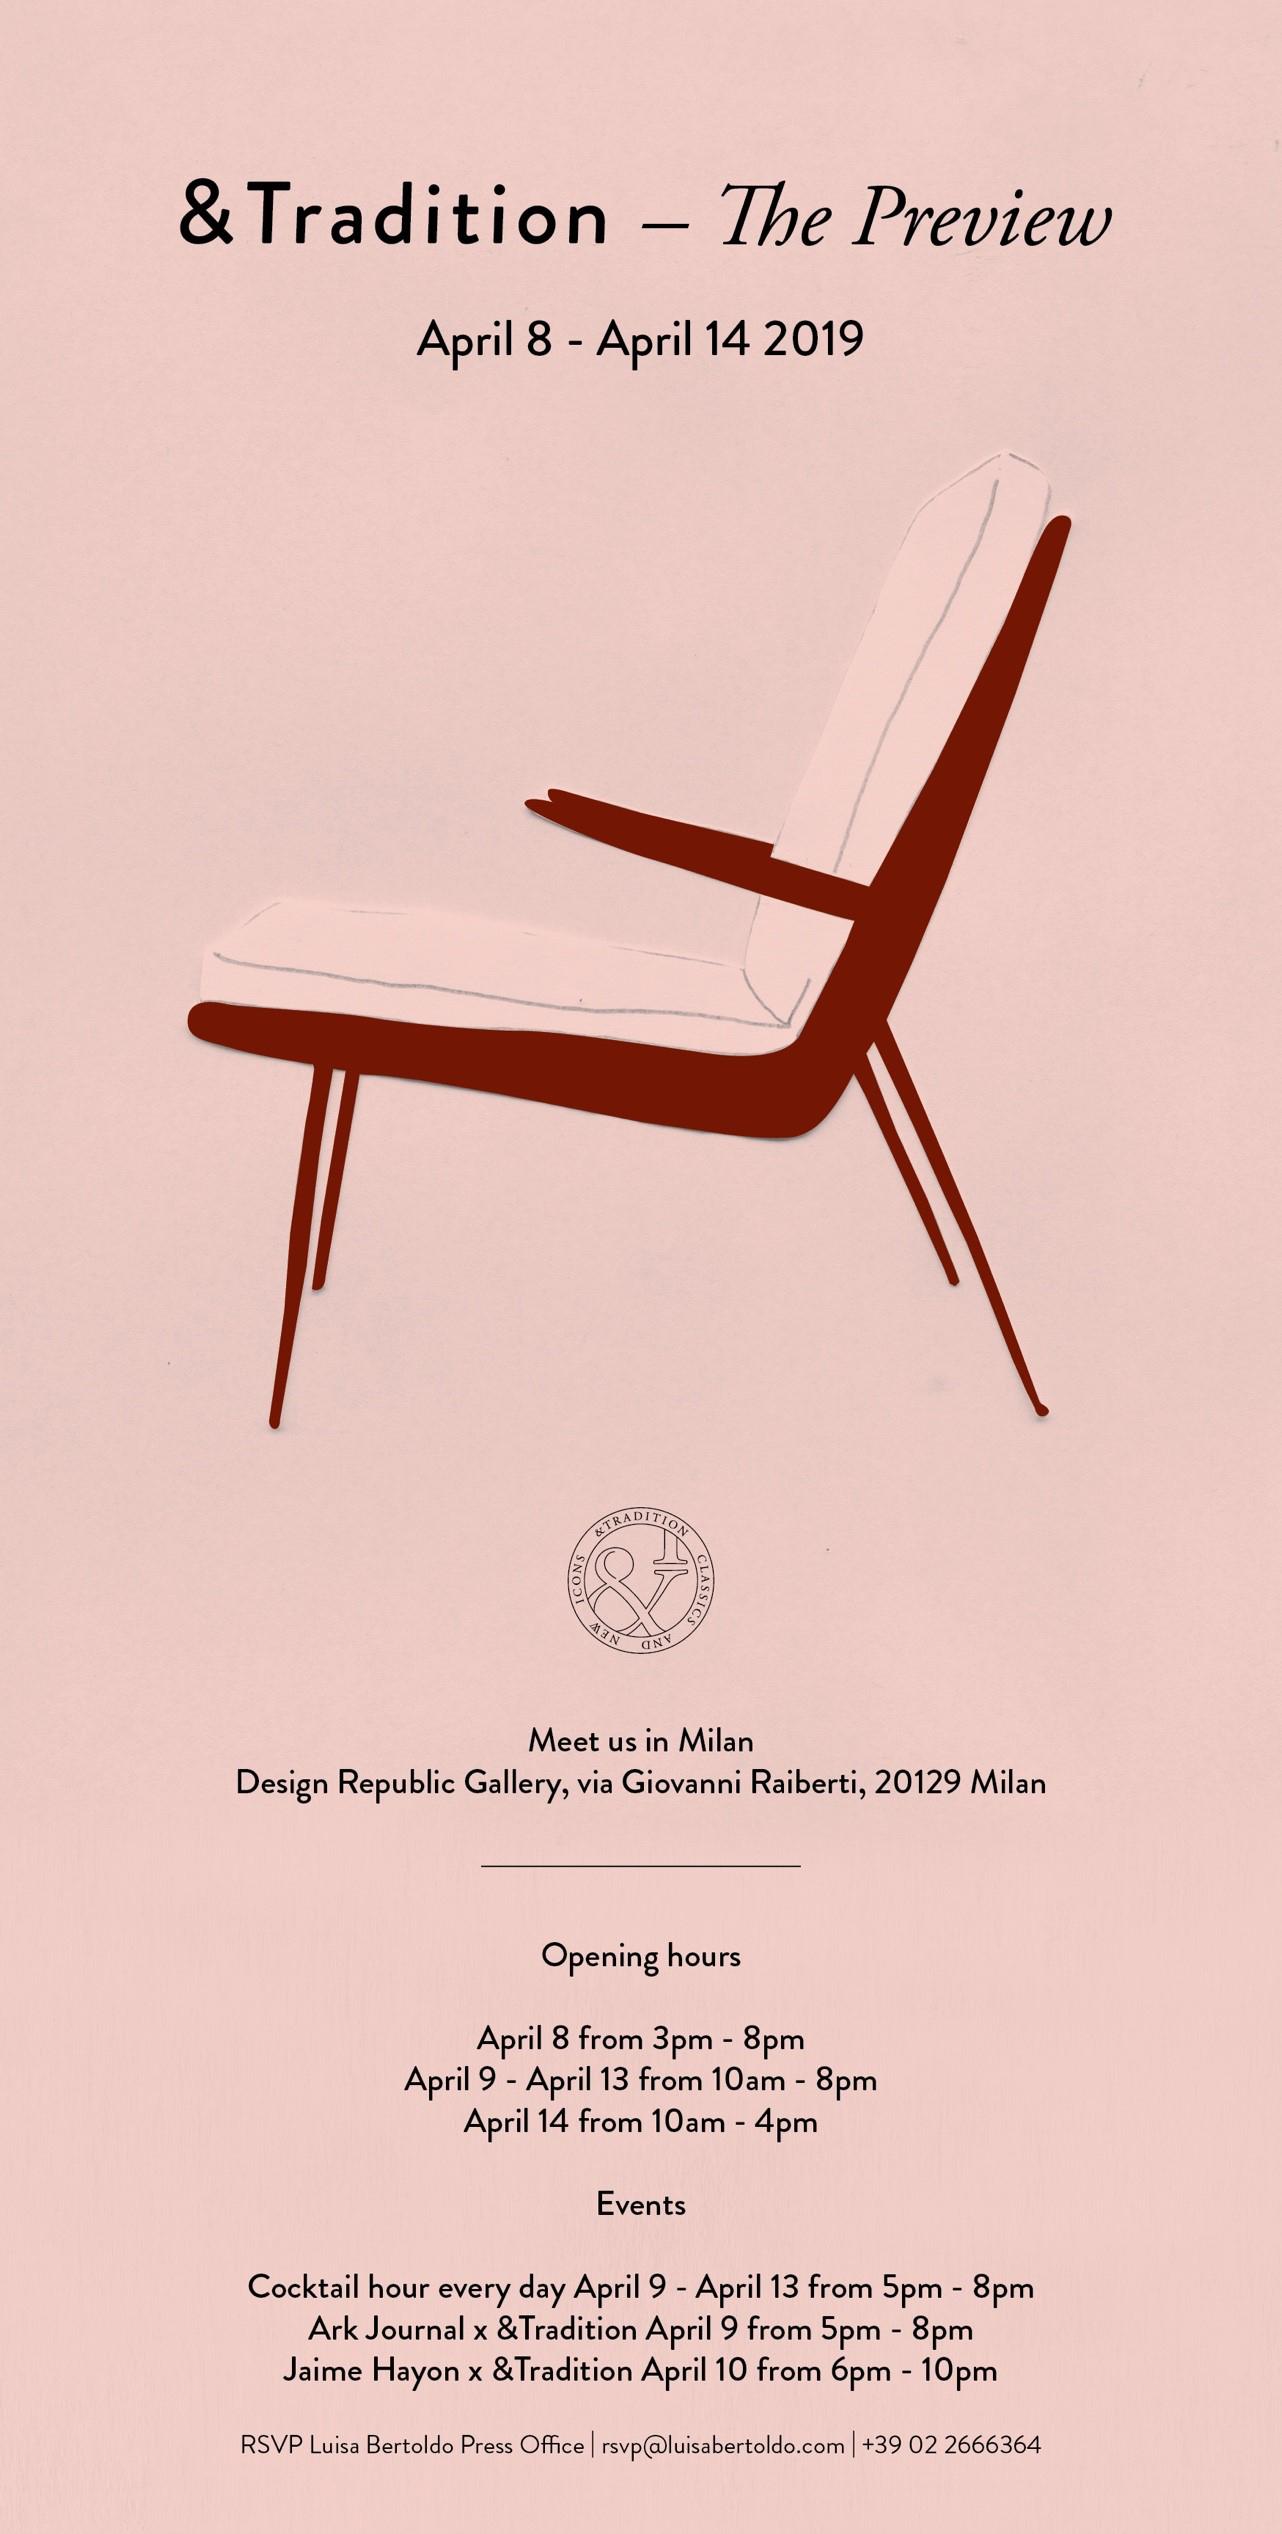 Salone del Mobile.Milano 9-14 april